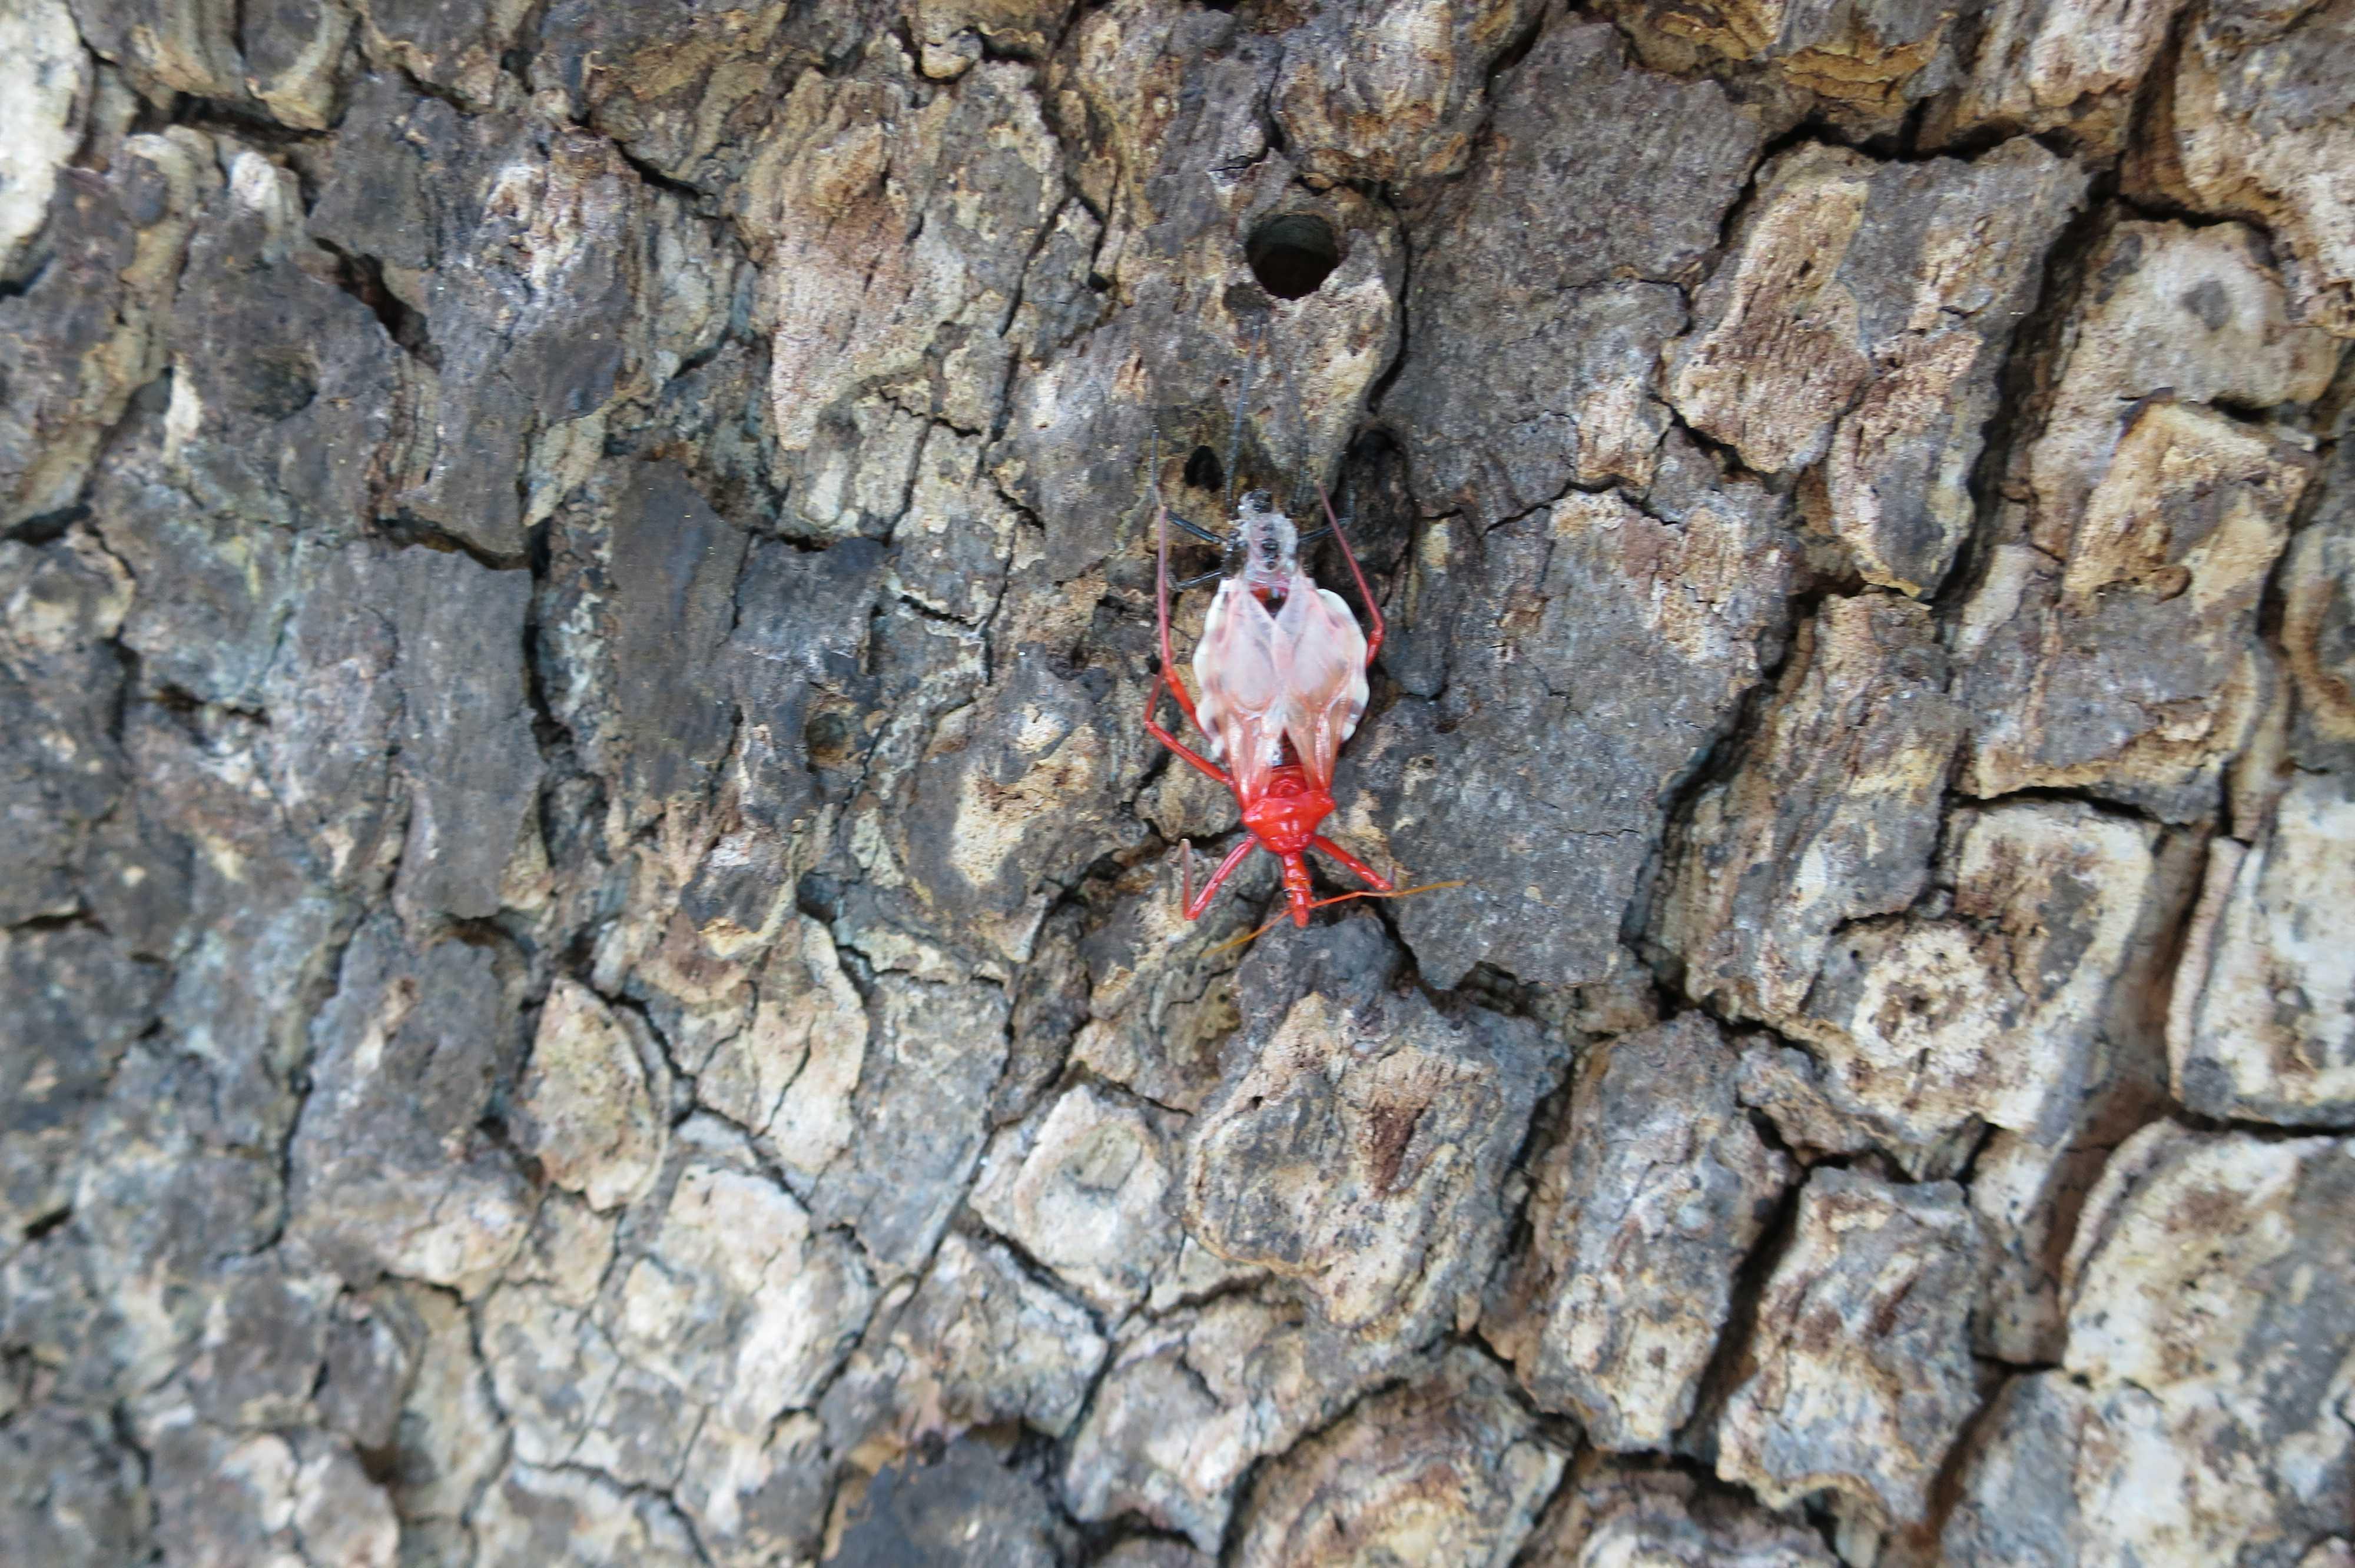 ヨコヅナサシガメ(横綱刺亀)- Agriosphodrus dohrni